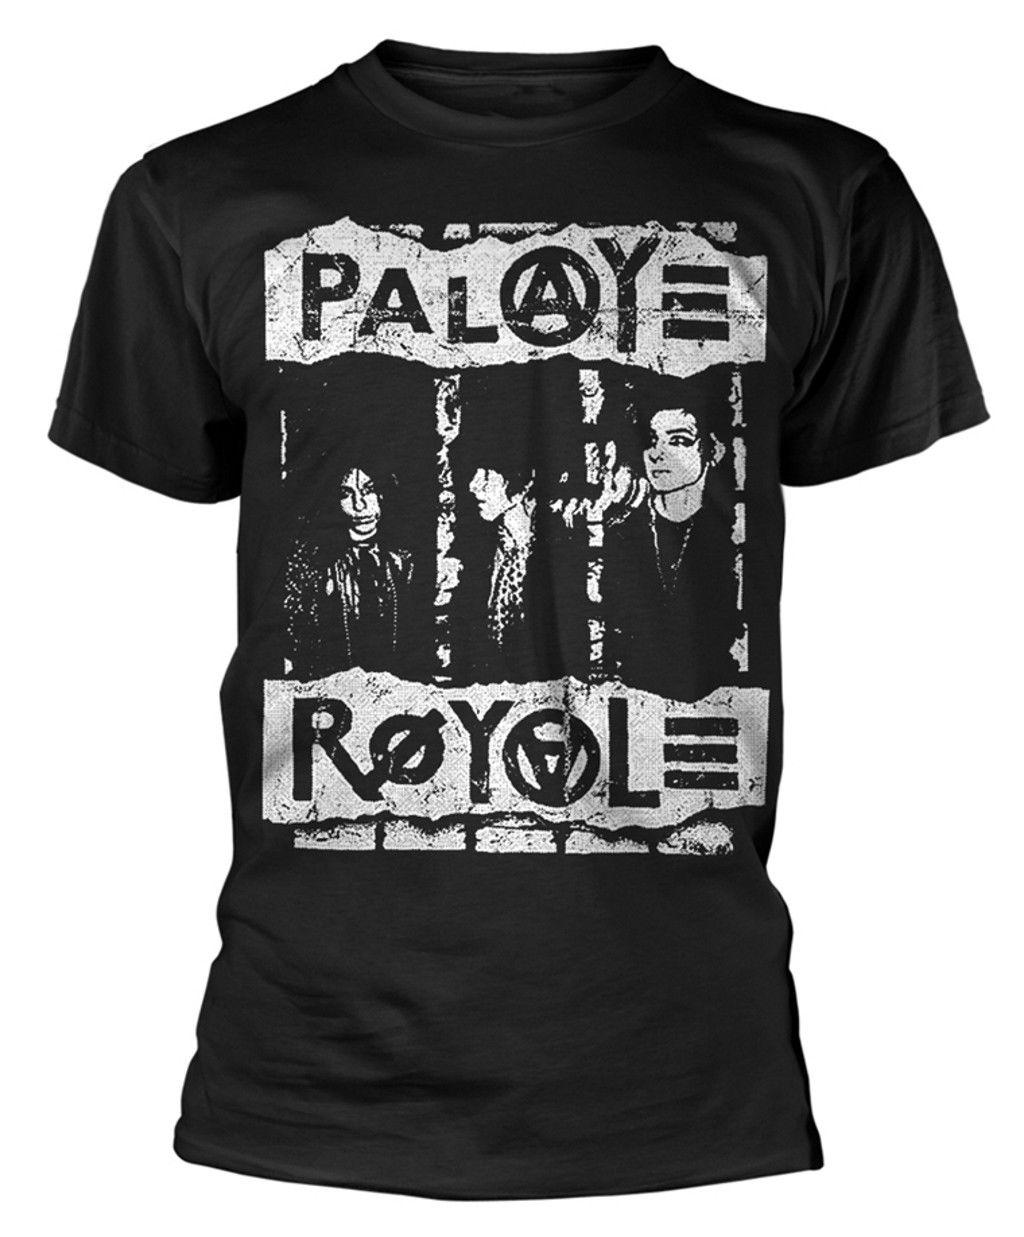 Camiseta palaye ROYALE fotocopiora, Nuevo y Oficial para hombres, camiseta de verano de manga corta, camiseta estampada para hombre Envío Gratis 100% nuevo original K6X4016C3F-UF55 K6X4016C3F-UF K6X4016C3F TSOP44